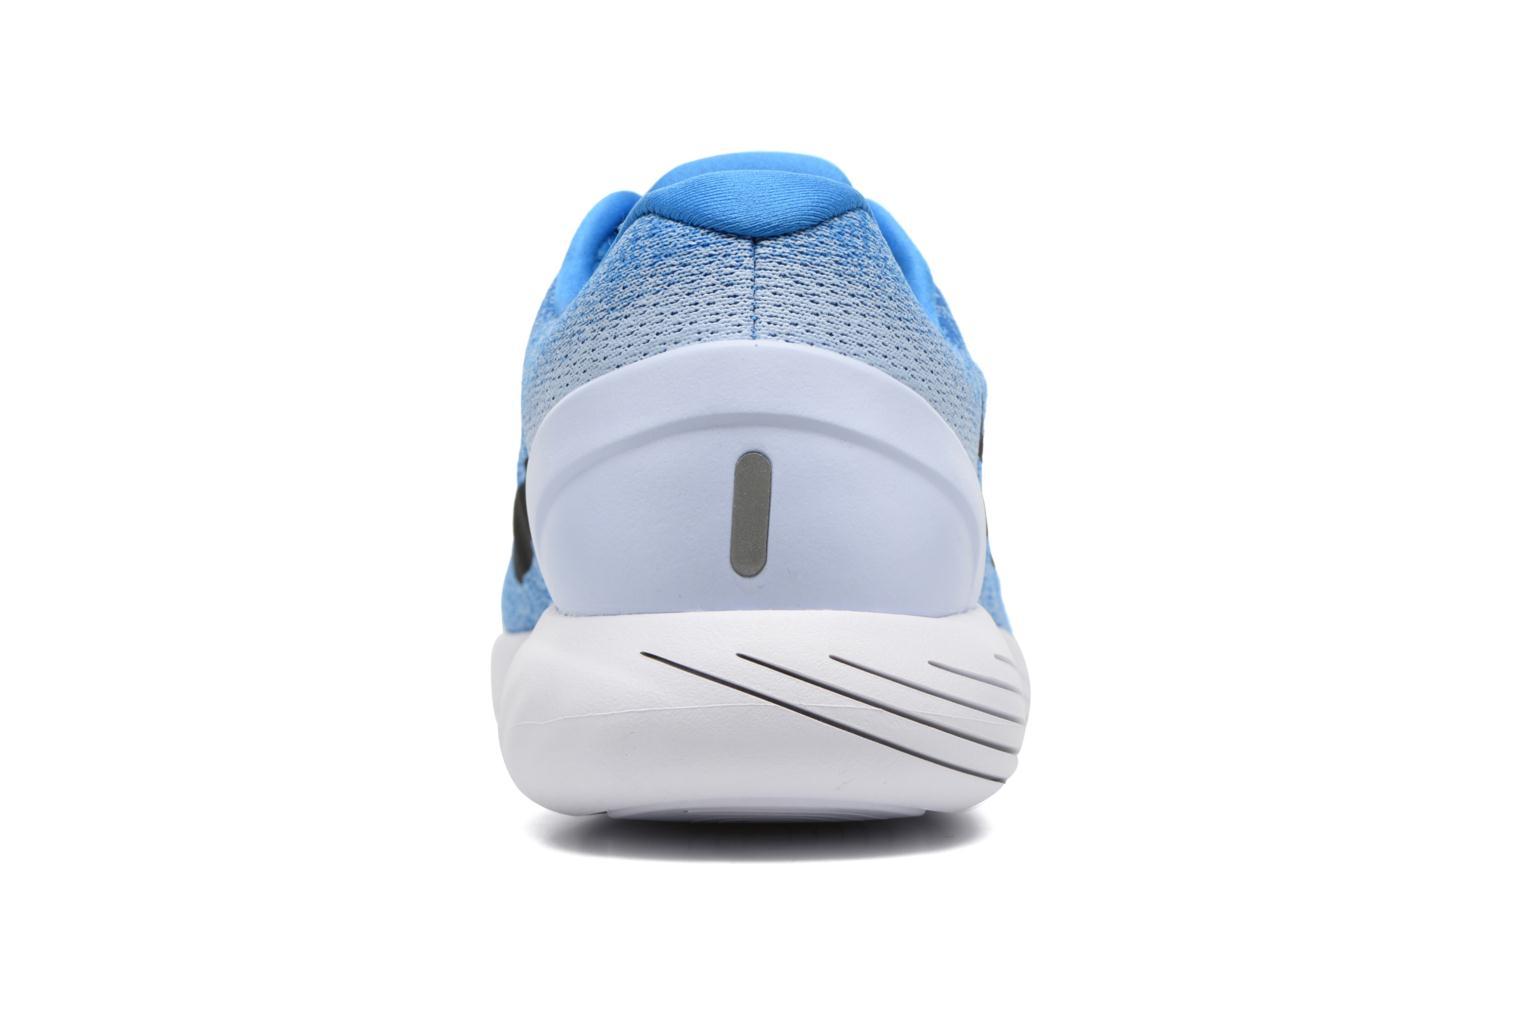 Nike Lunarglide 9 Italy Blue/Black-Hydrogen Blue-Volt